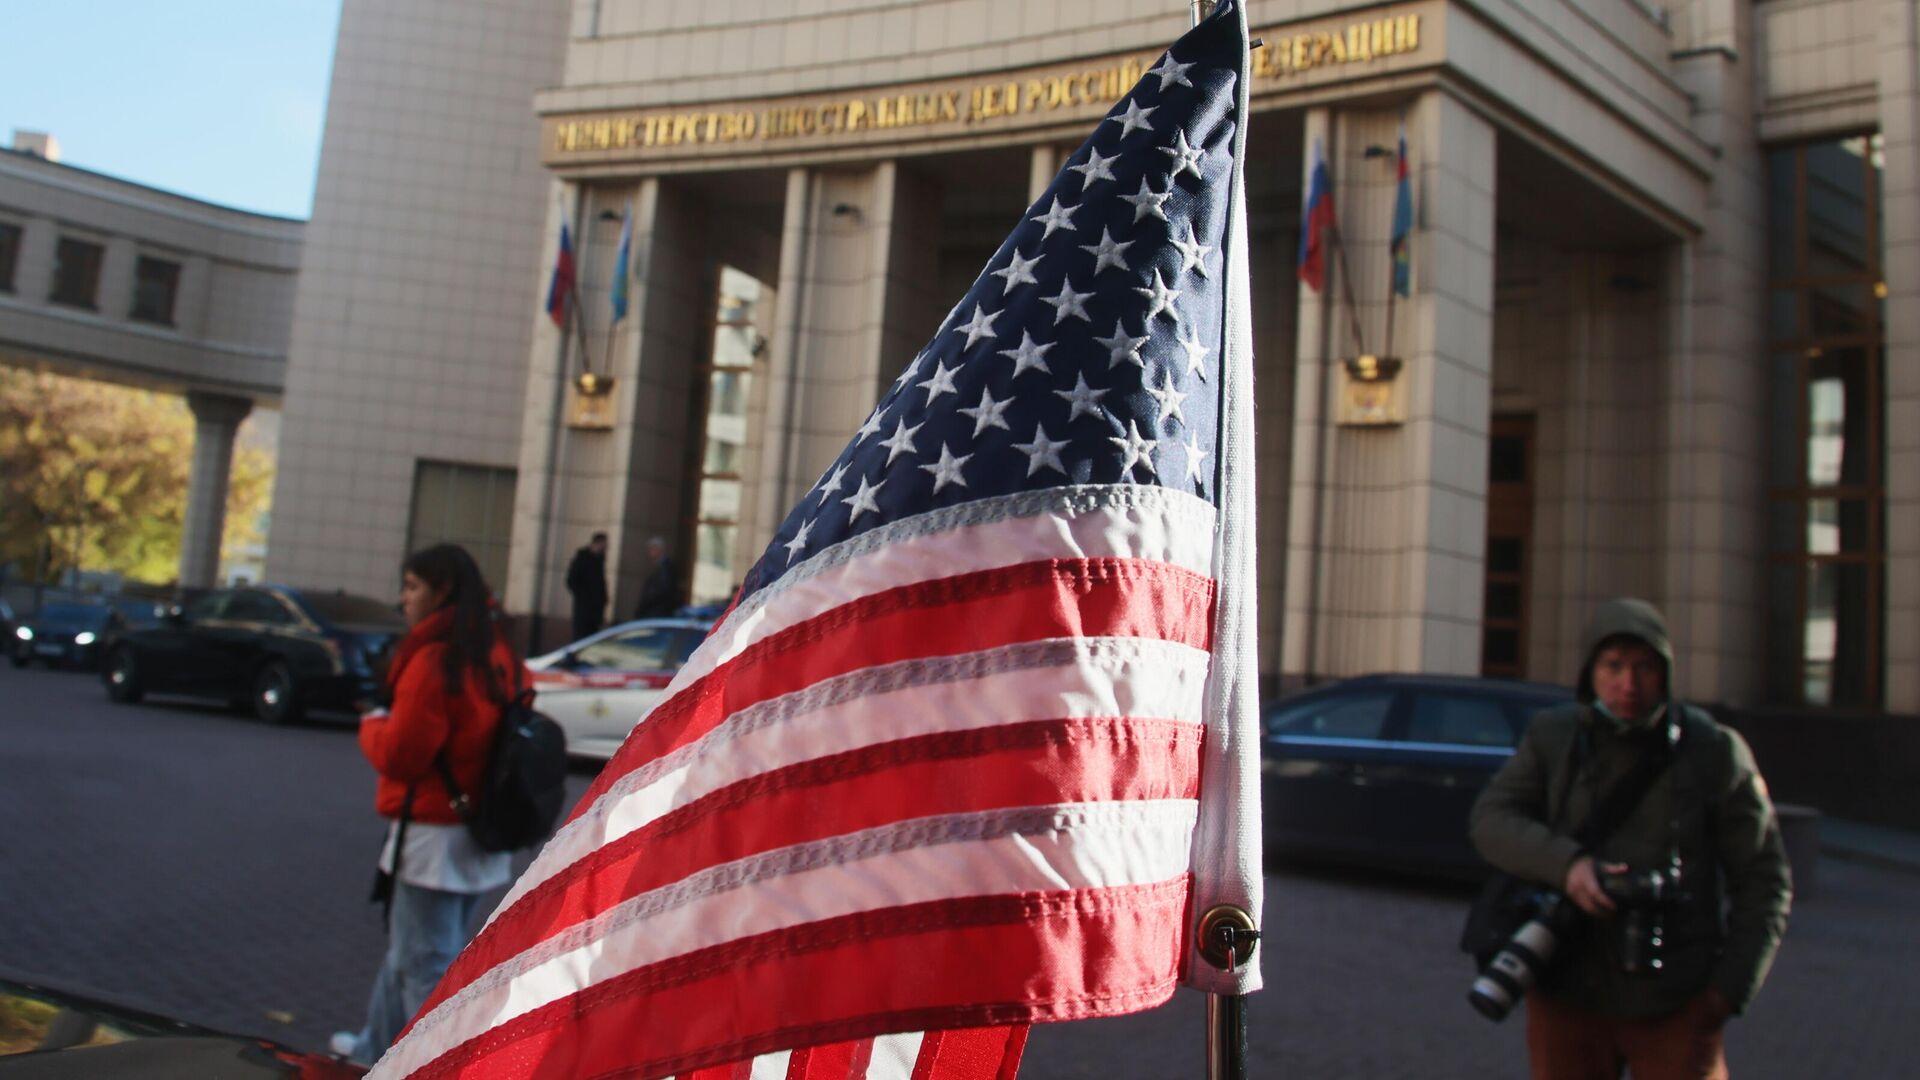 Američka zastava na automobilu ispred MIP Rusije - Sputnik Srbija, 1920, 12.10.2021